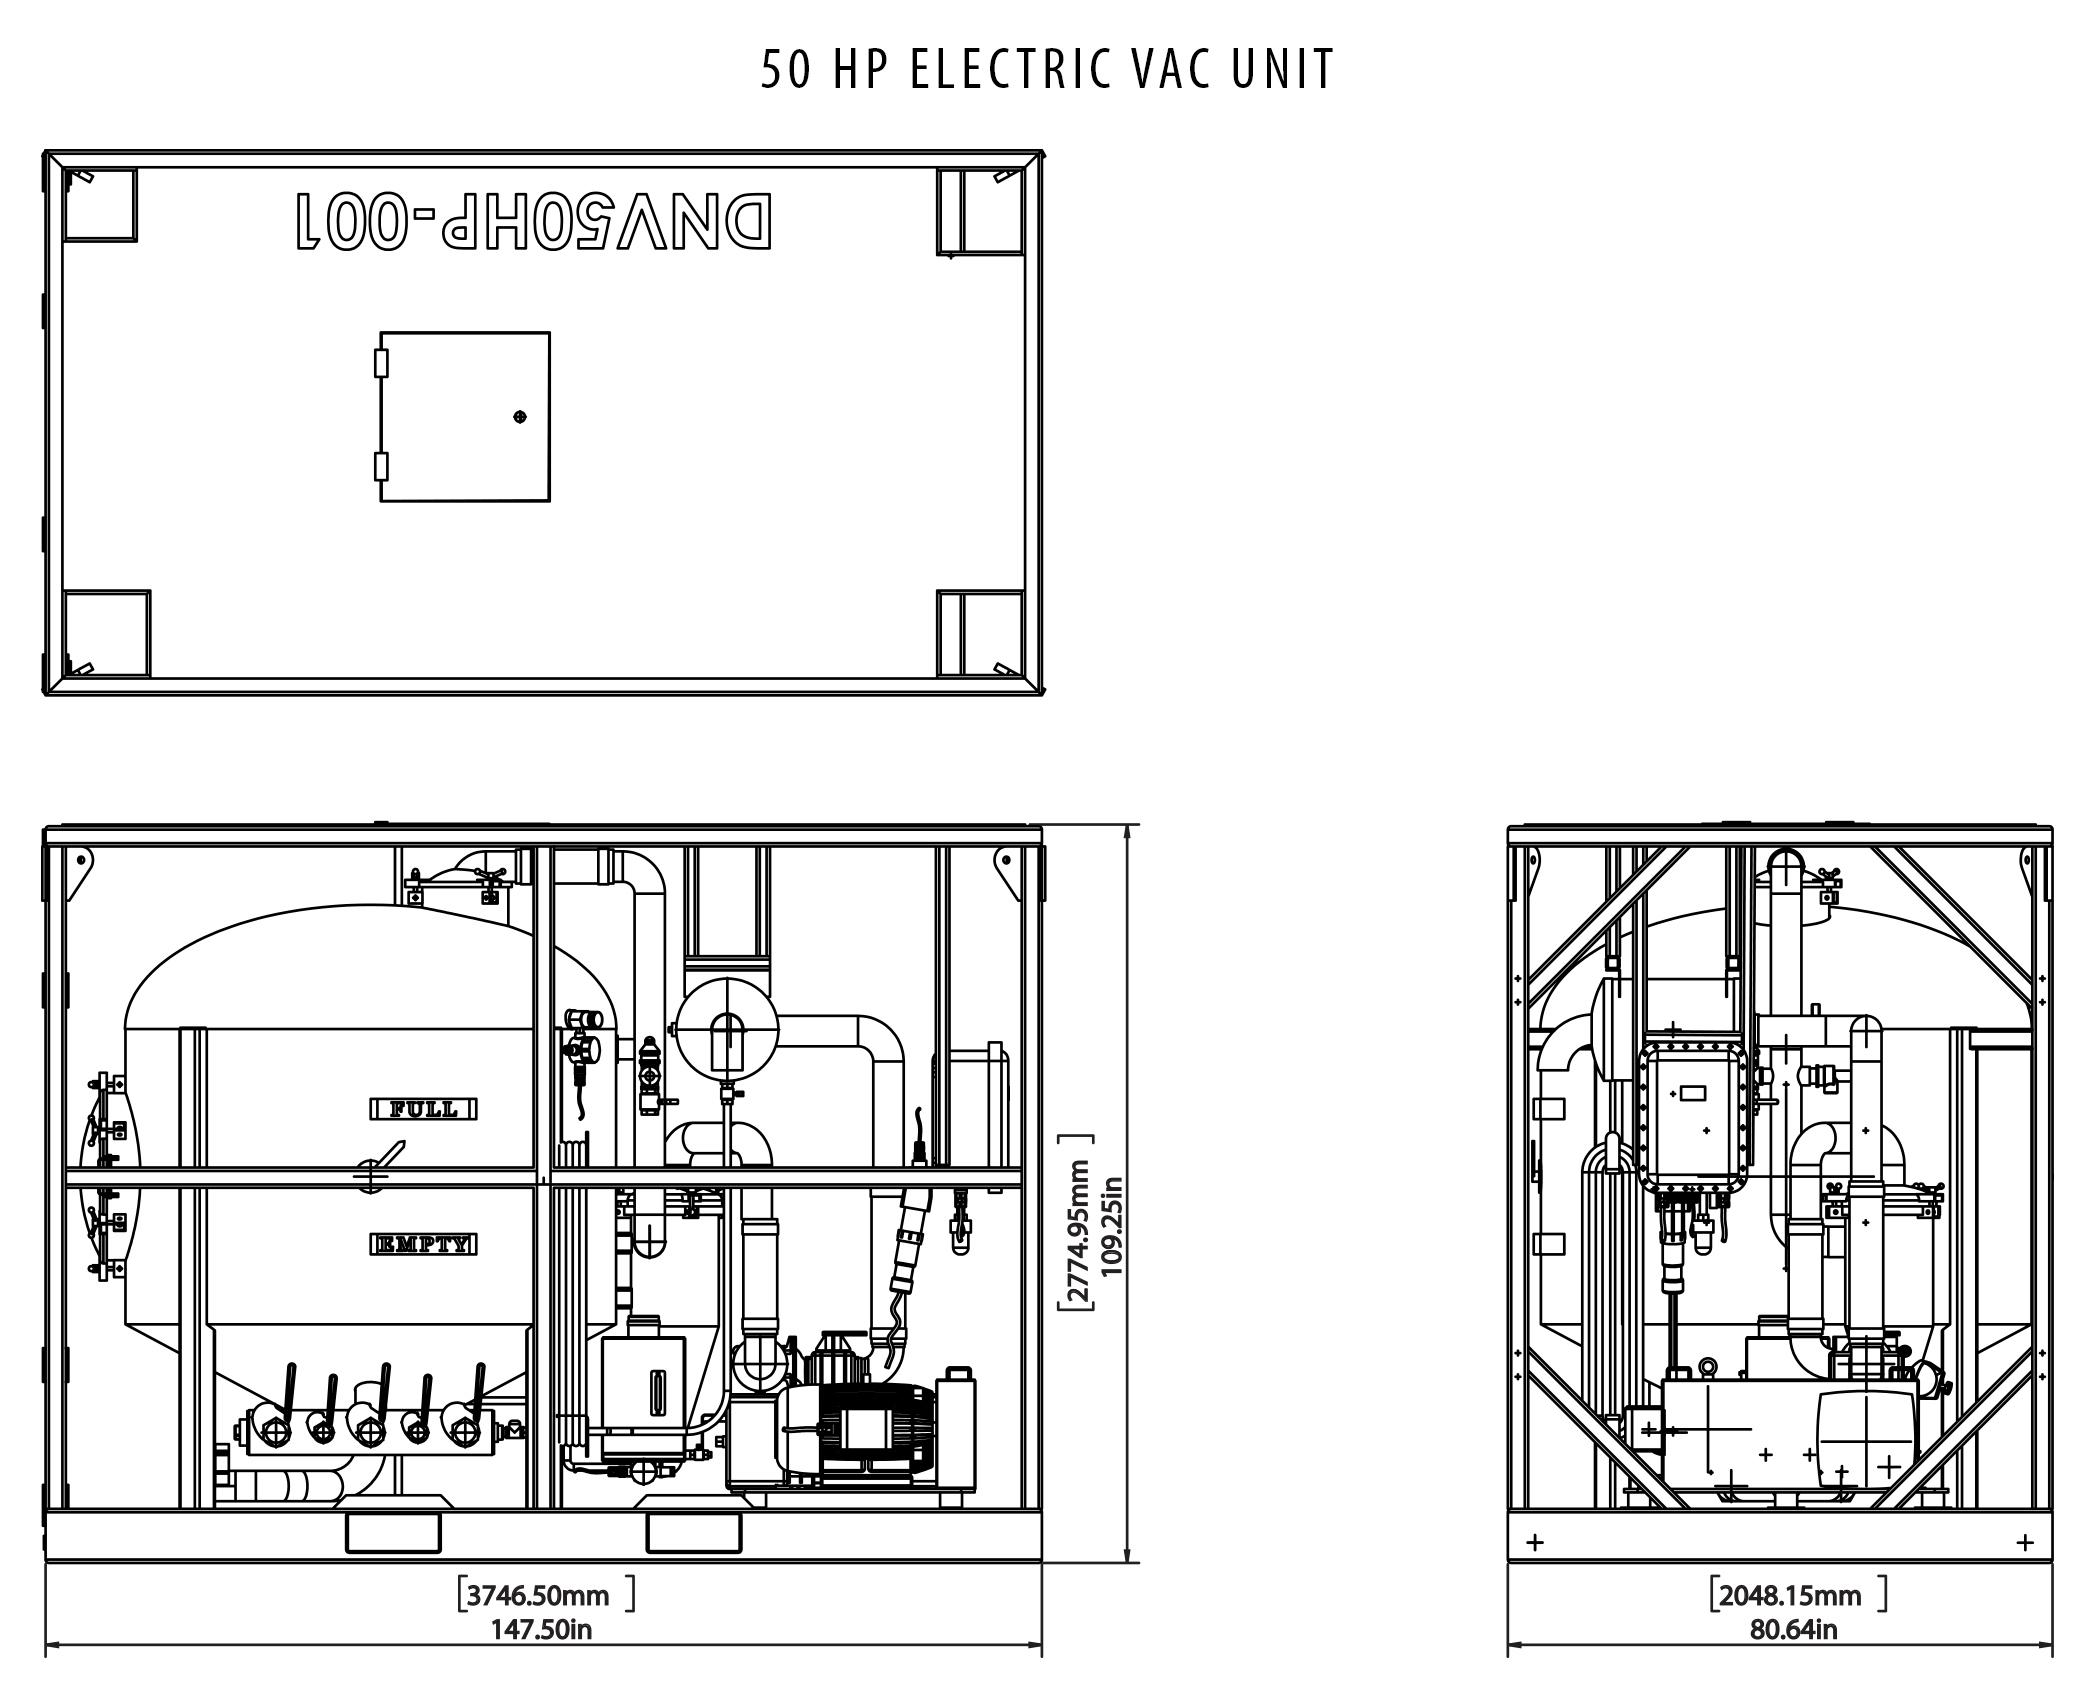 50 Hp Electric Vac Unit Tiger Offshore Rentals